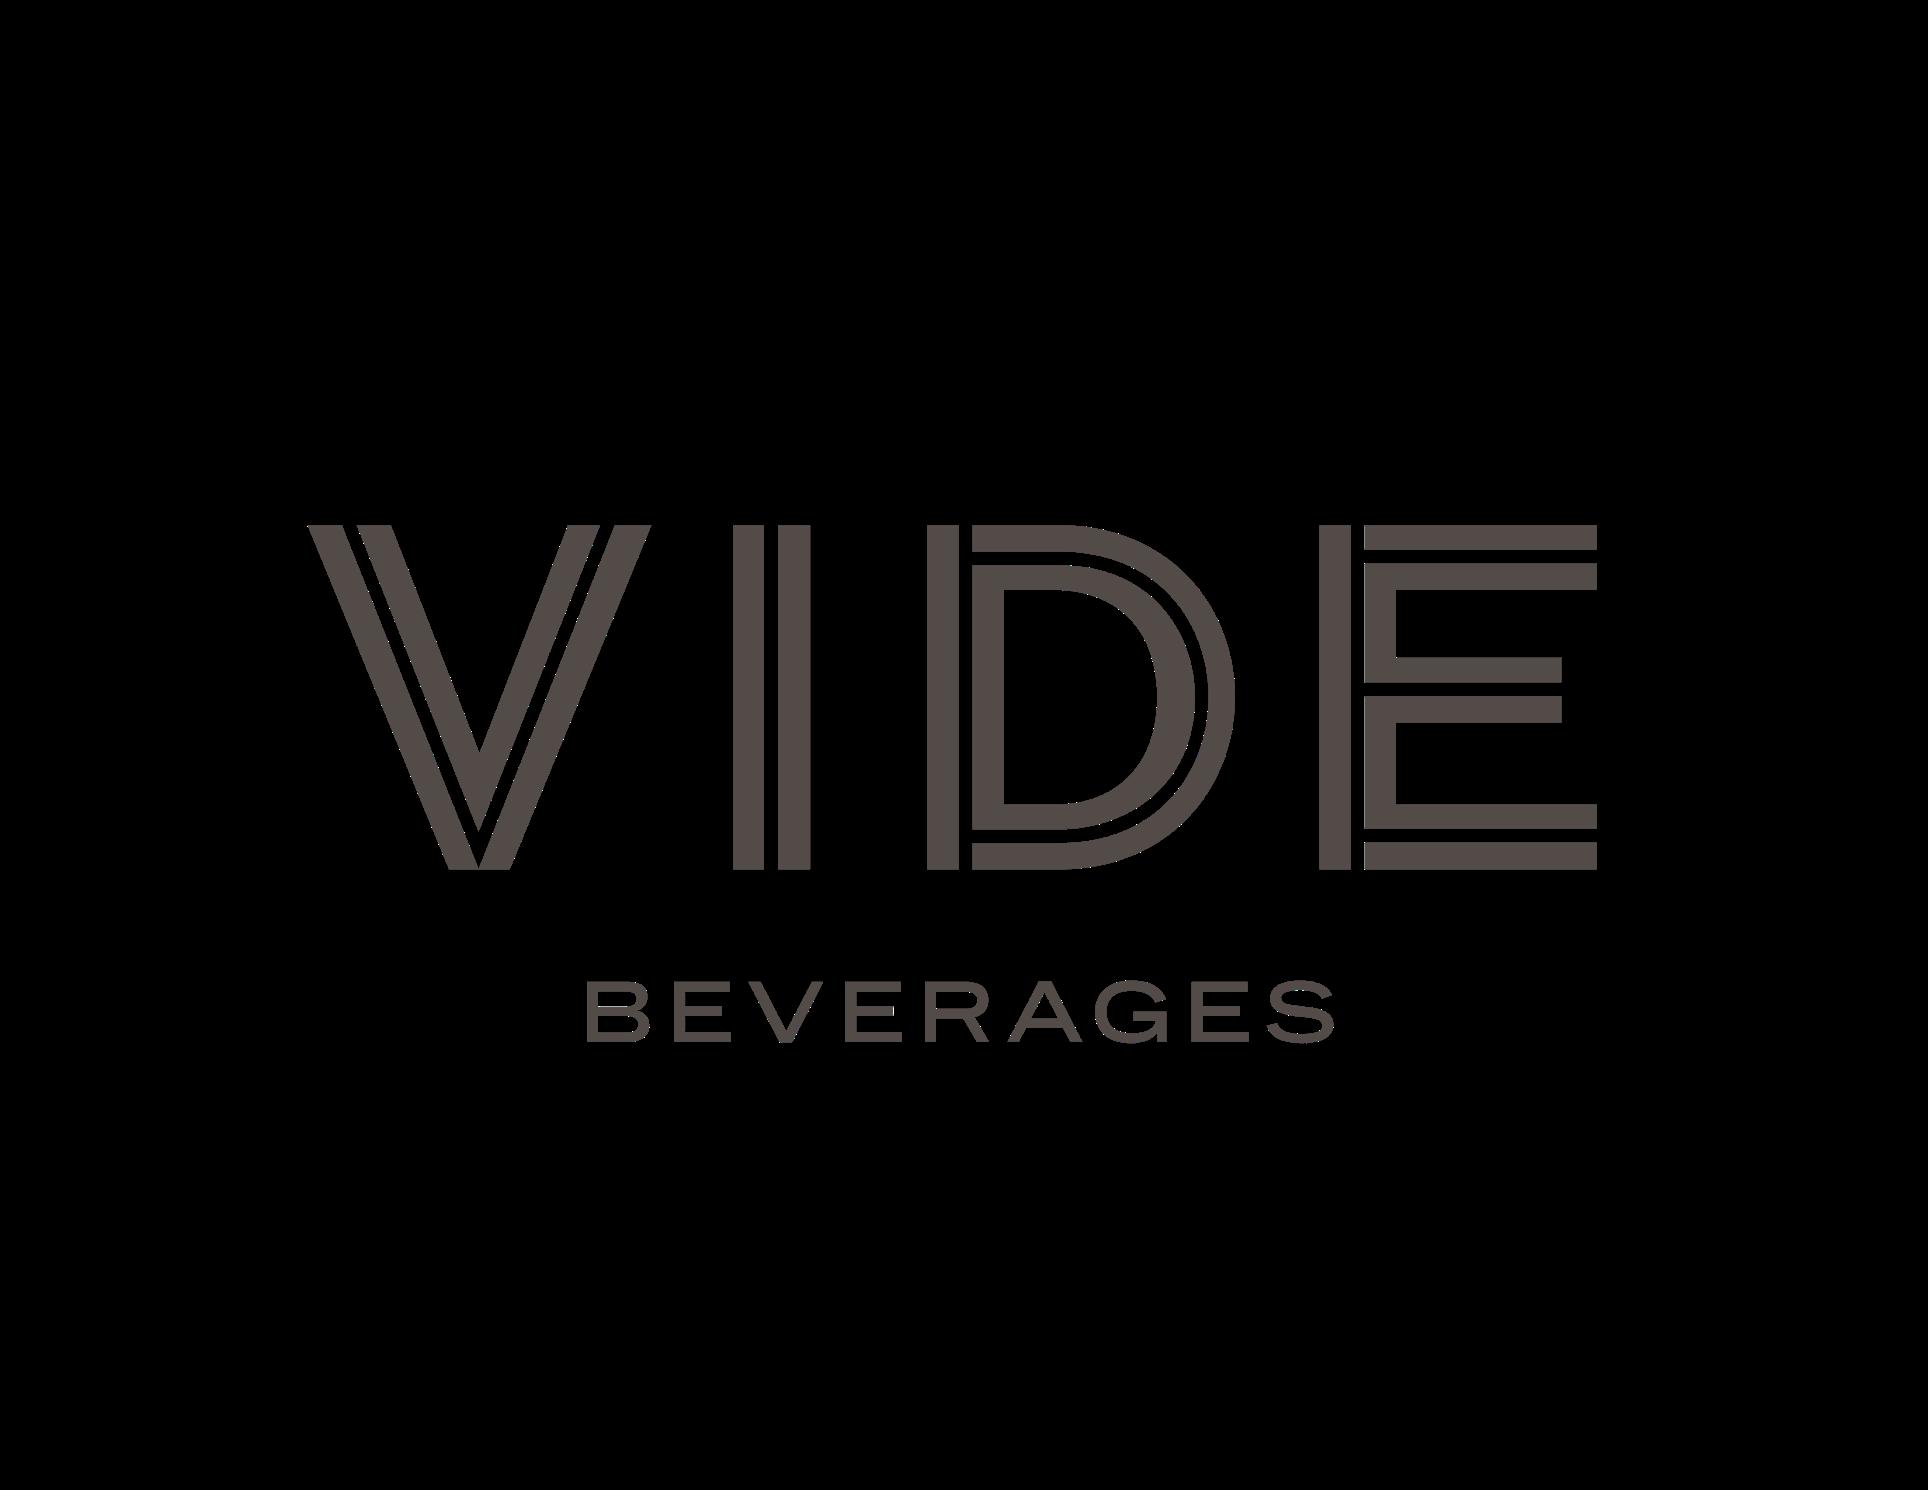 Vide Beverages Inc. Logo